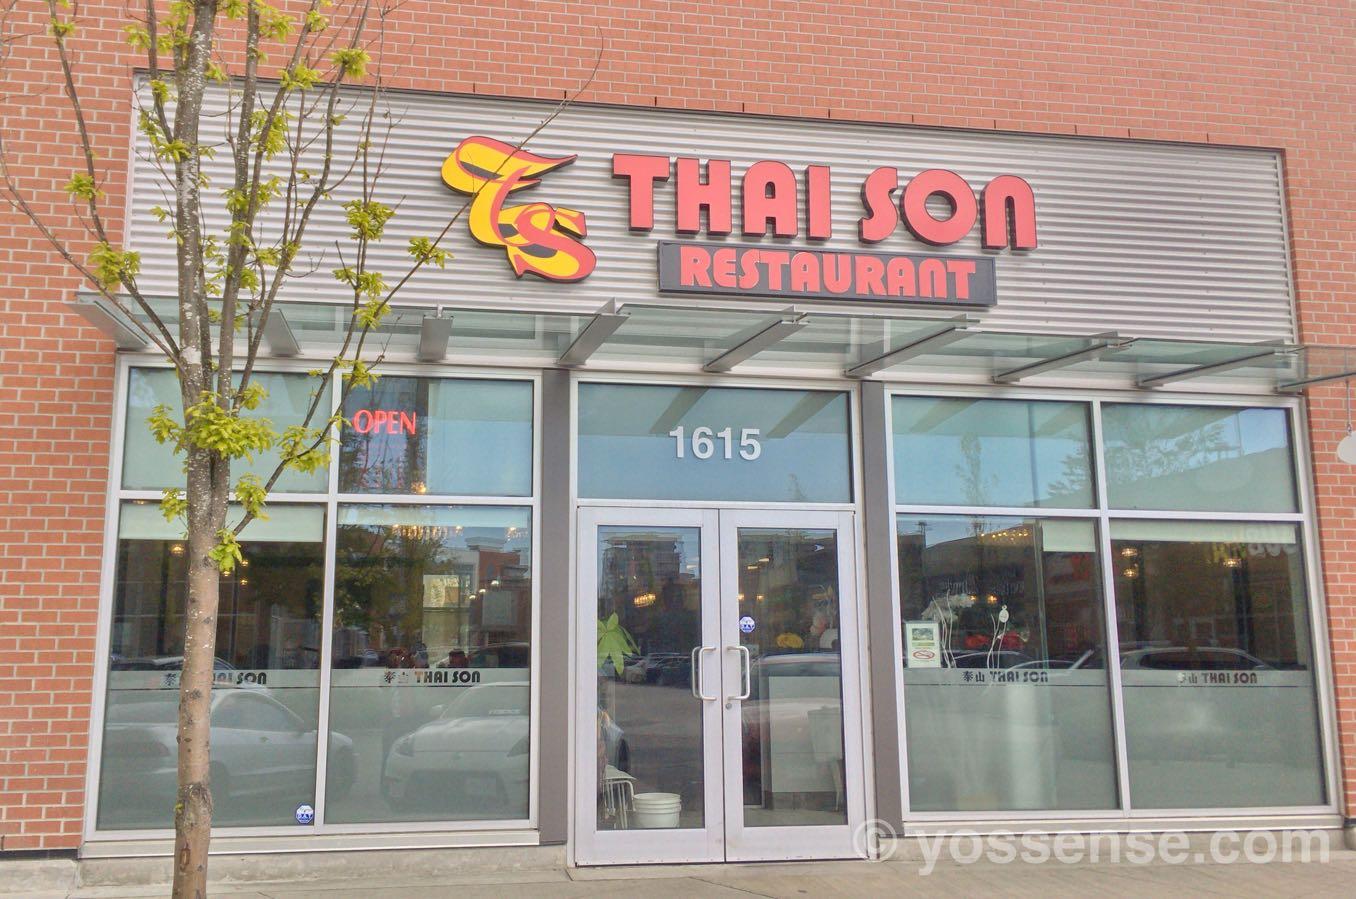 Thai Sonの外観